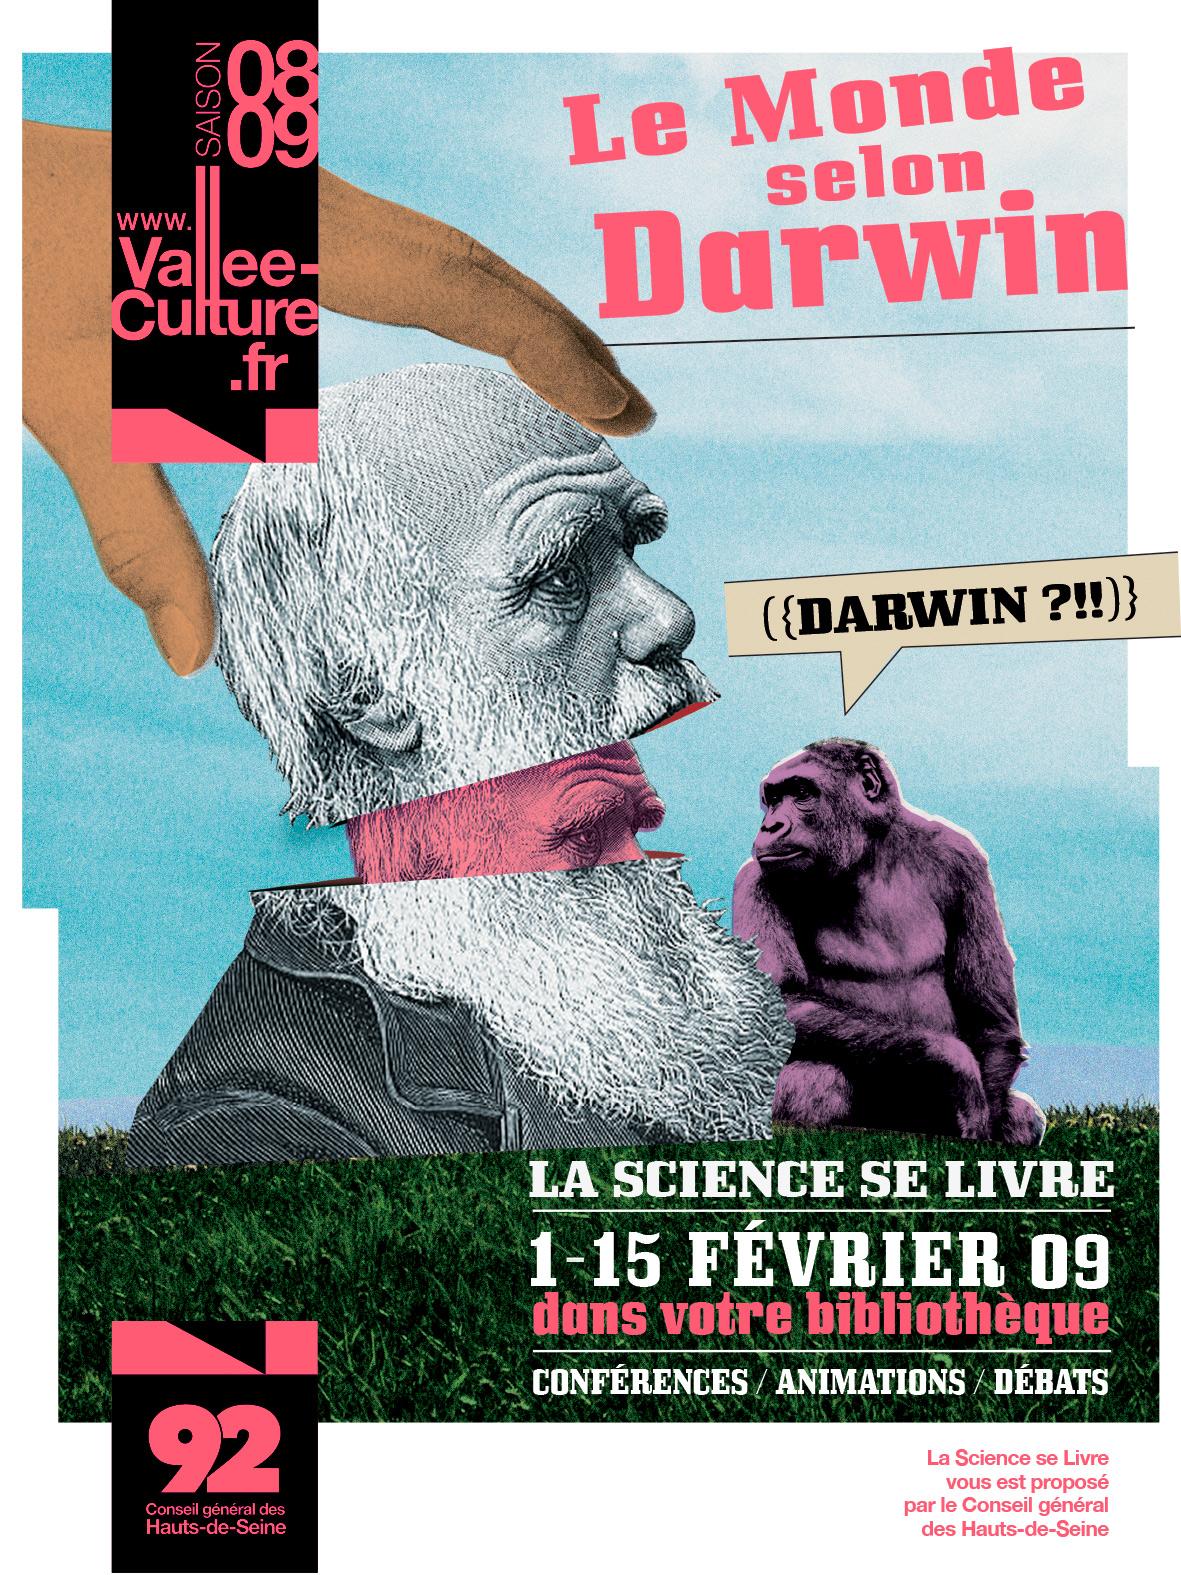 DARWIN-09